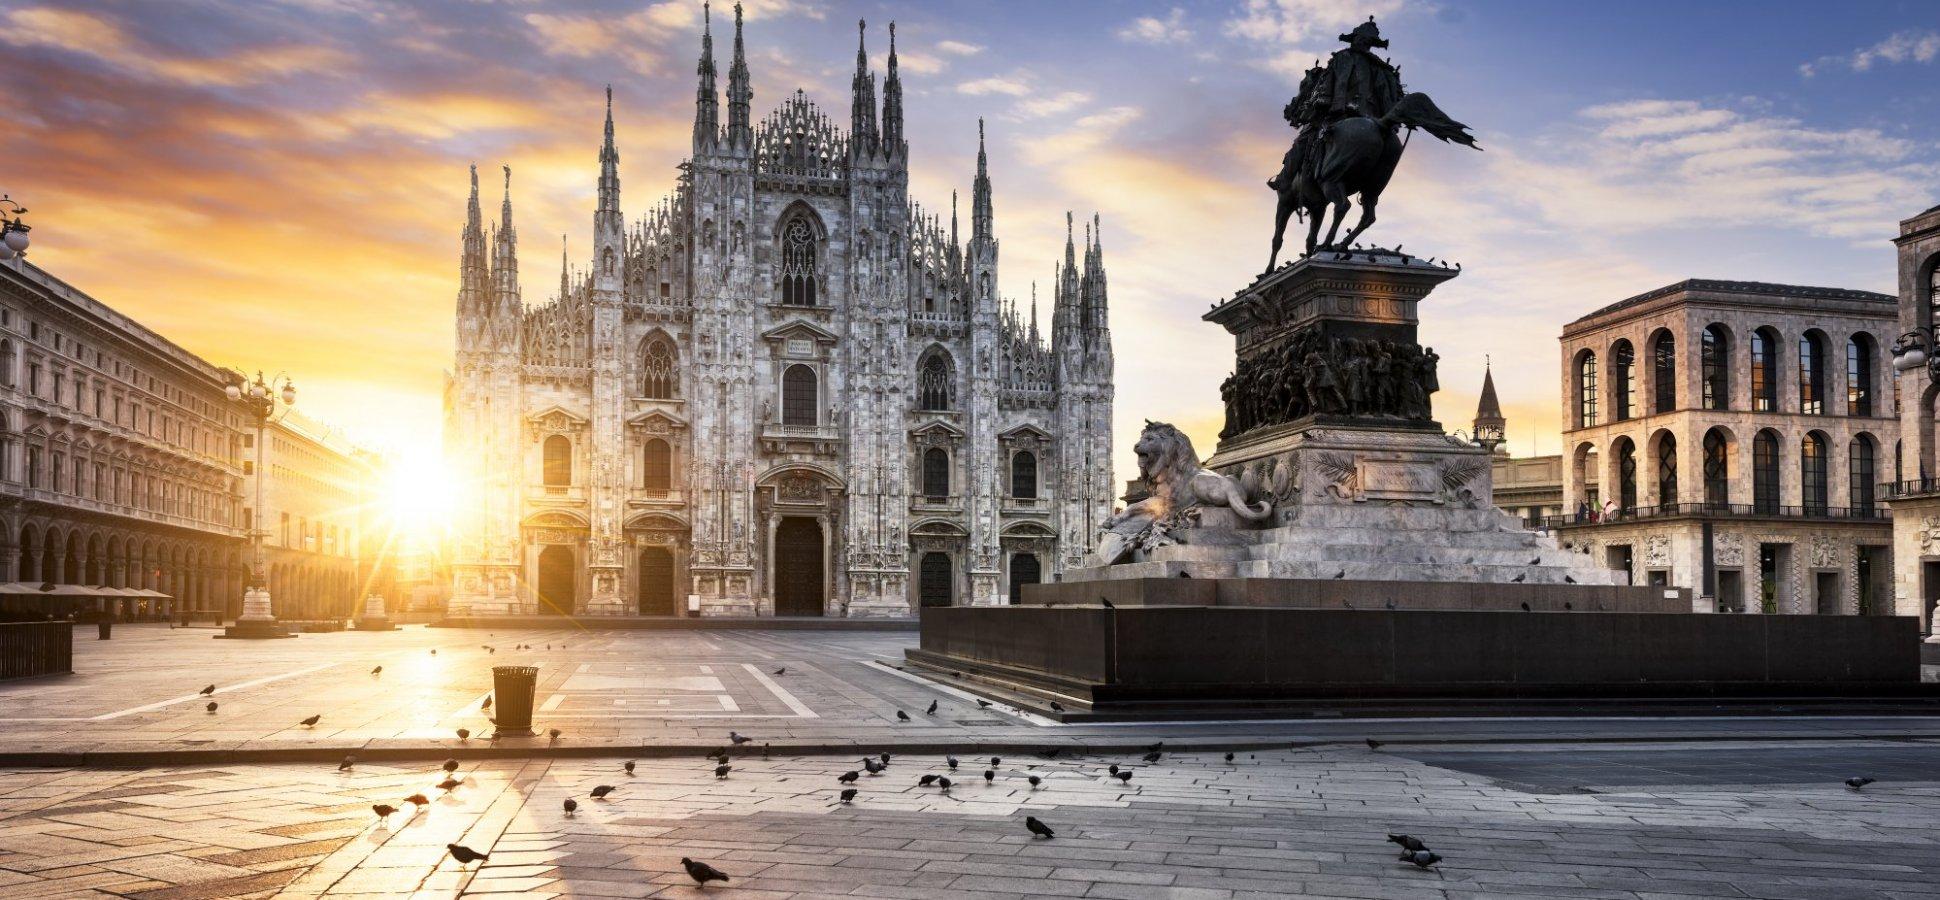 Найбільш незвичайні та дивовижні будівлі світу